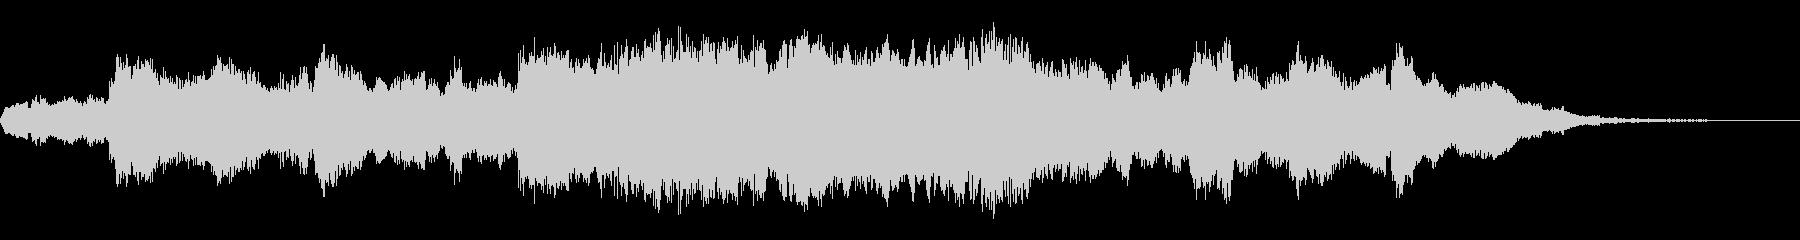 ディズニ―映画に採用されそうなイメージ曲の未再生の波形